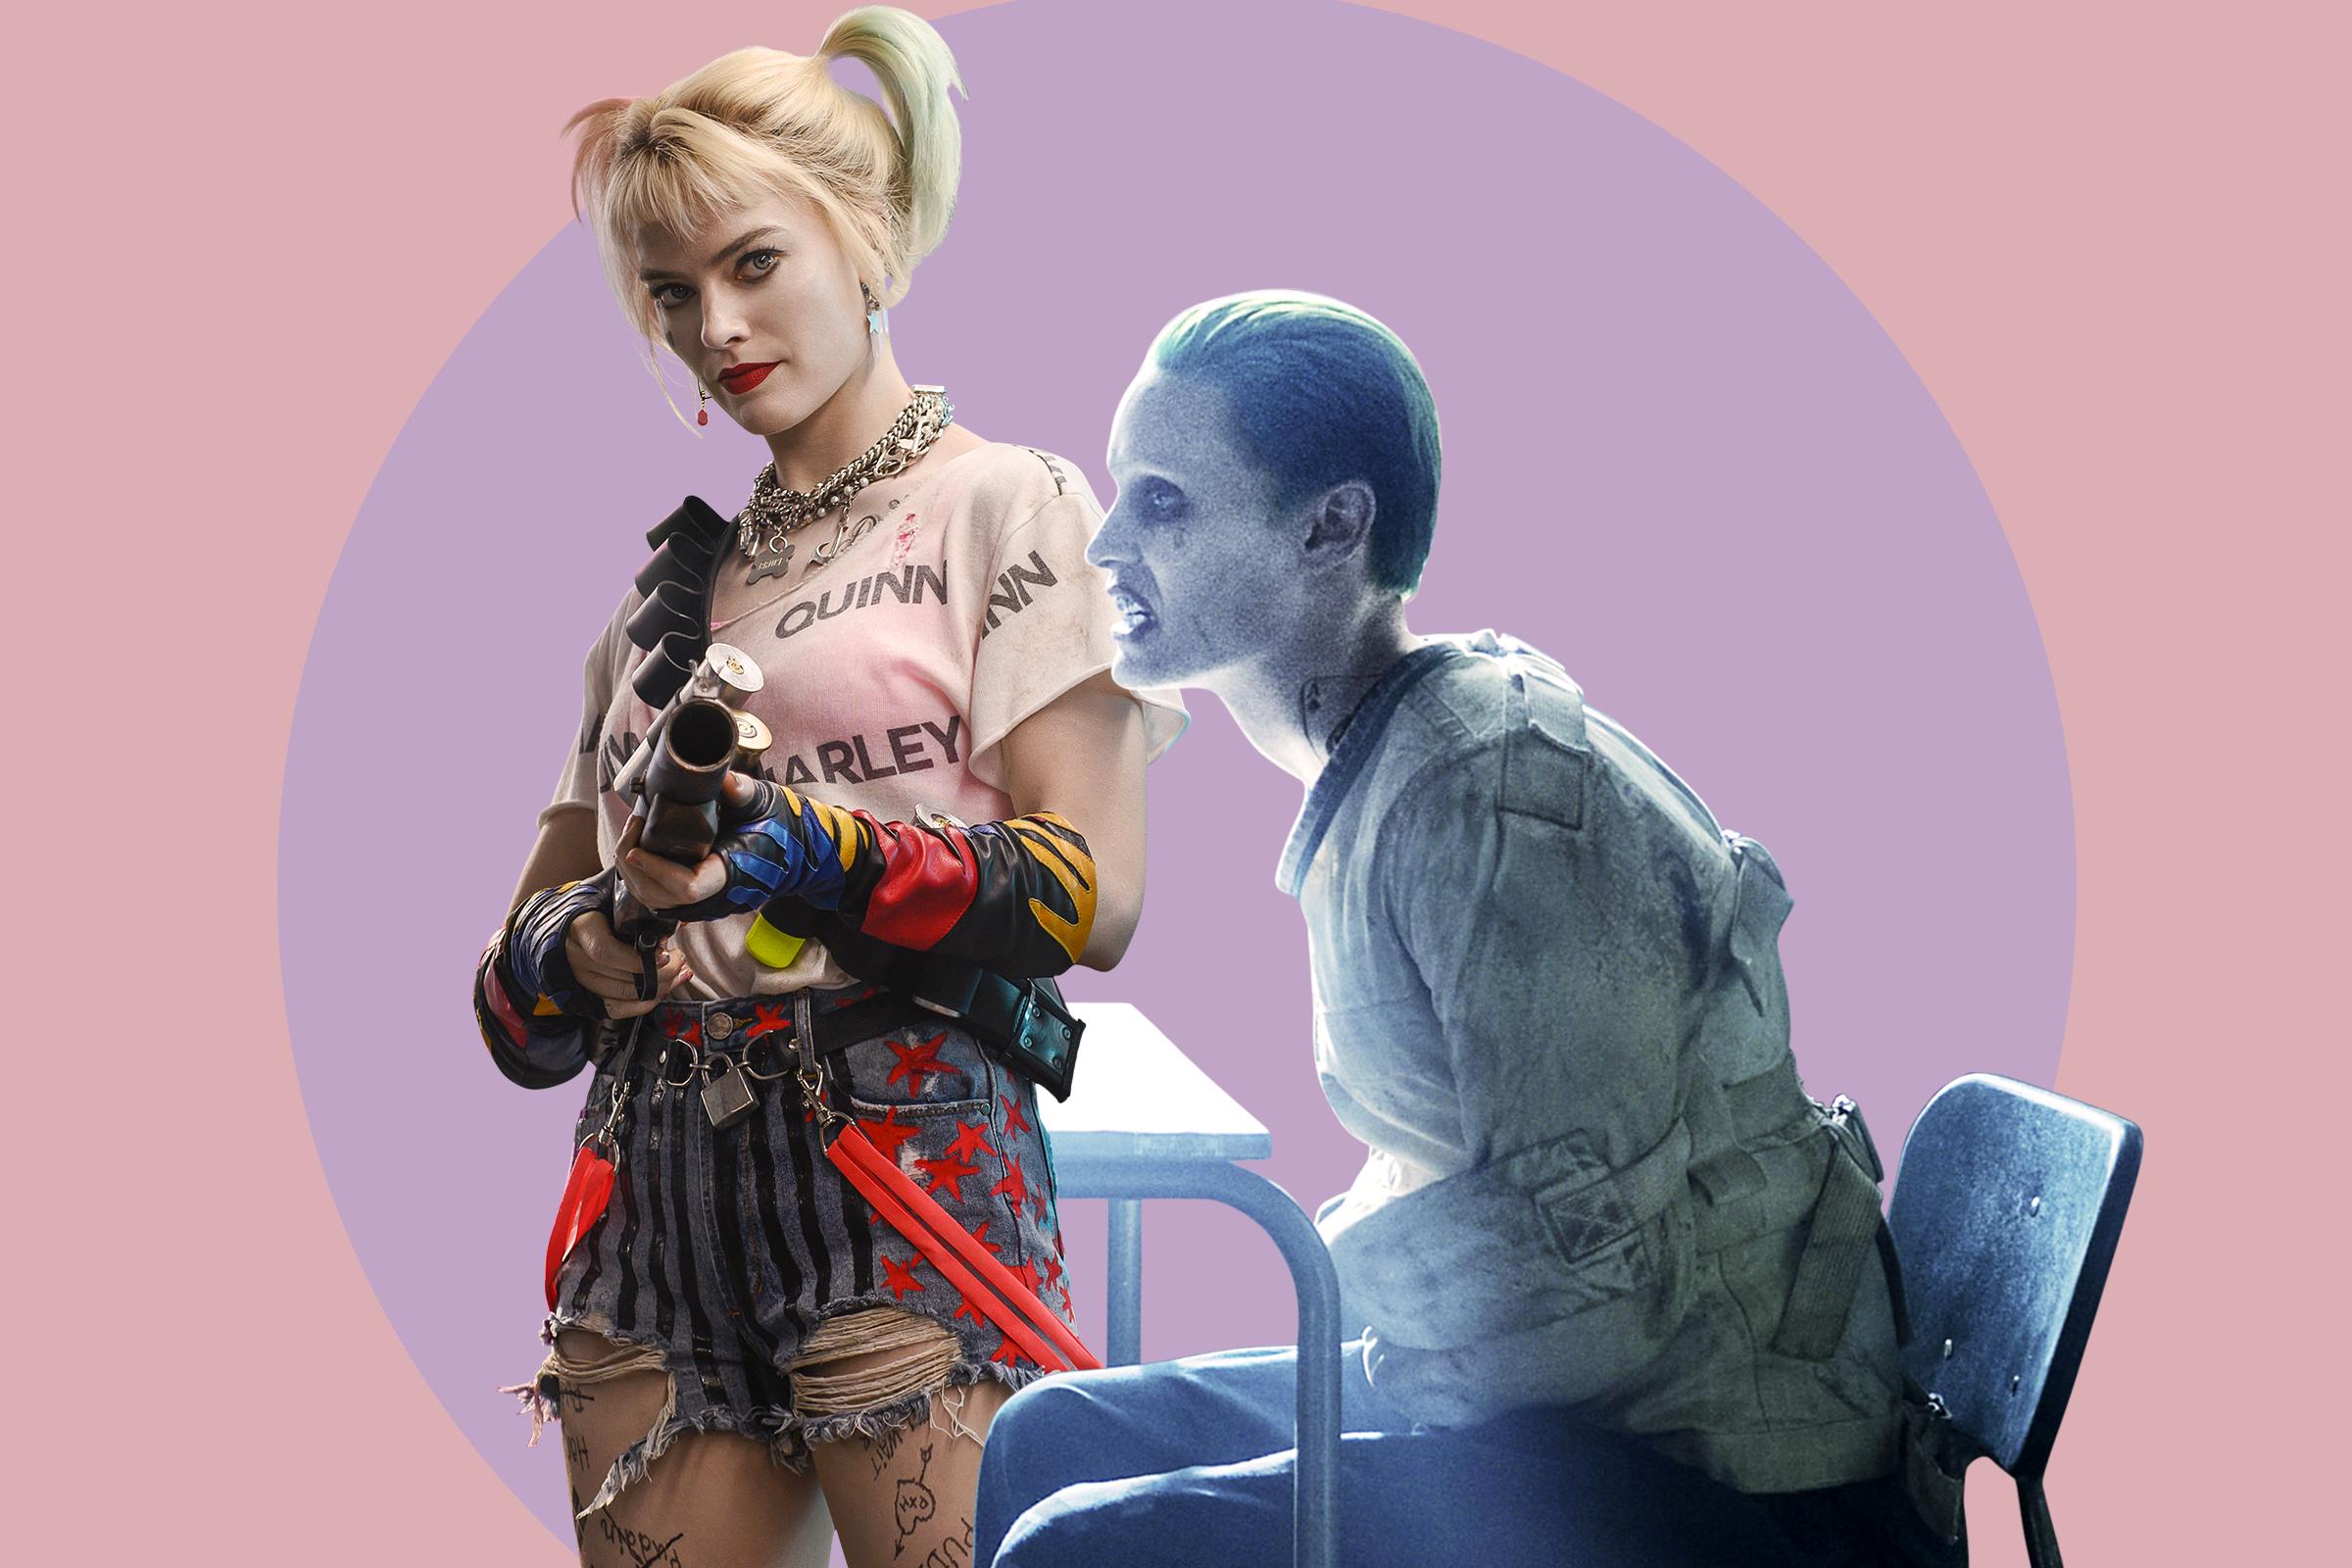 Harley Quinn x The Joker